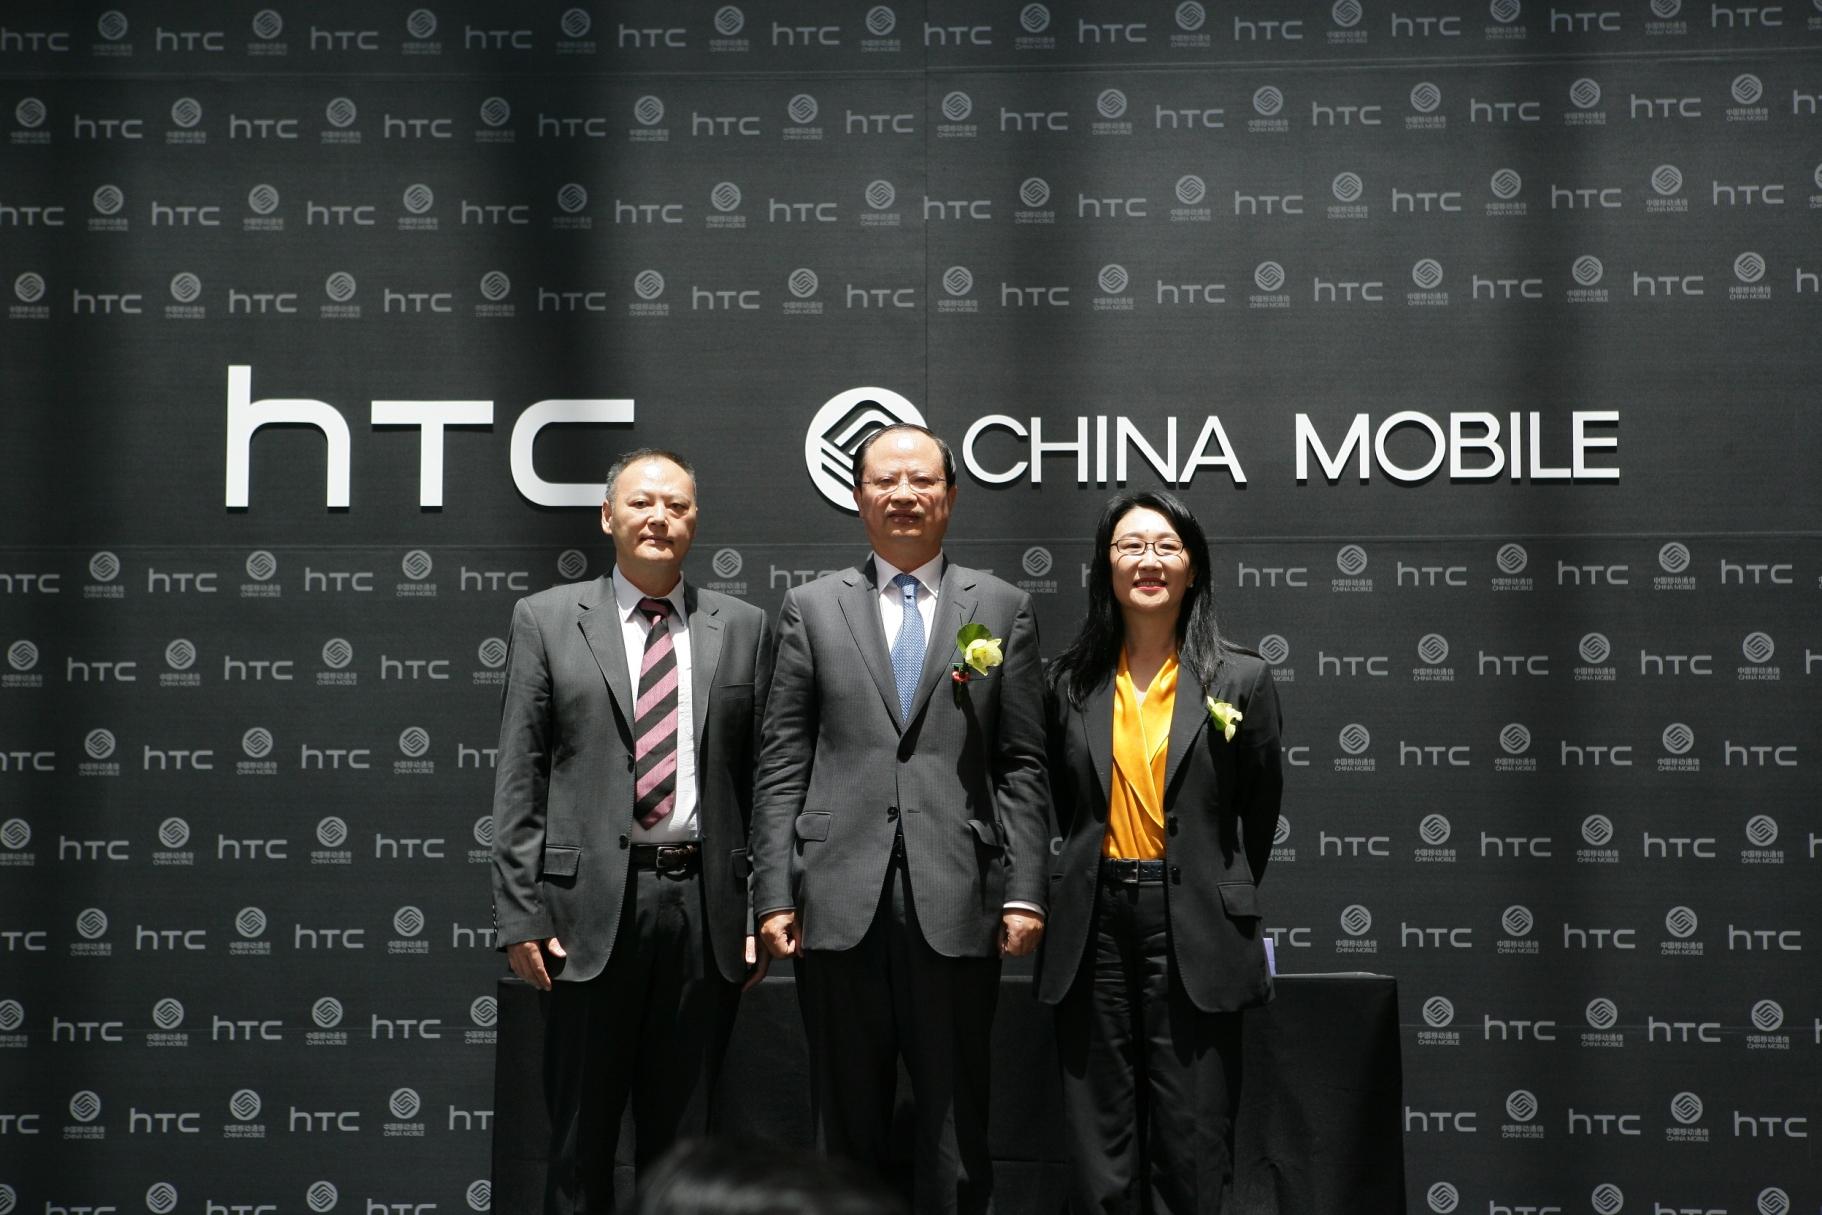 中國移動董事長王建宙(中)、HTC董事長王雪紅(右)以及HTC執行長暨總經理周永明(左)祝本次「TD-SCDMA終端合作備忘錄」合作成功。